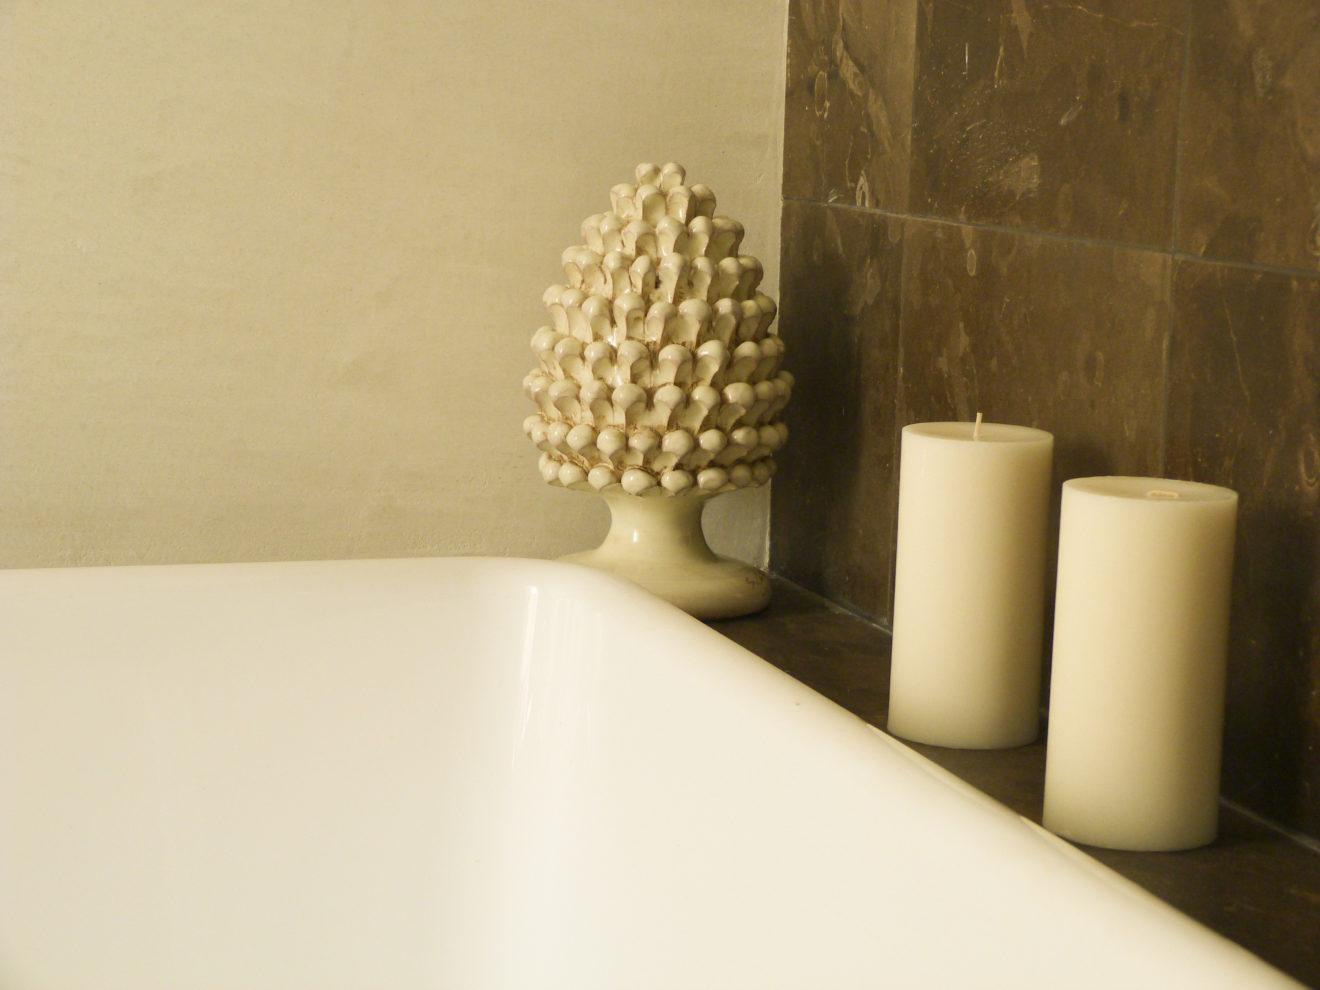 Suite_Cattedrale_7_Gagliardi_Boutique_hotel_noto_centro_Barocco_luxury_lusso_55